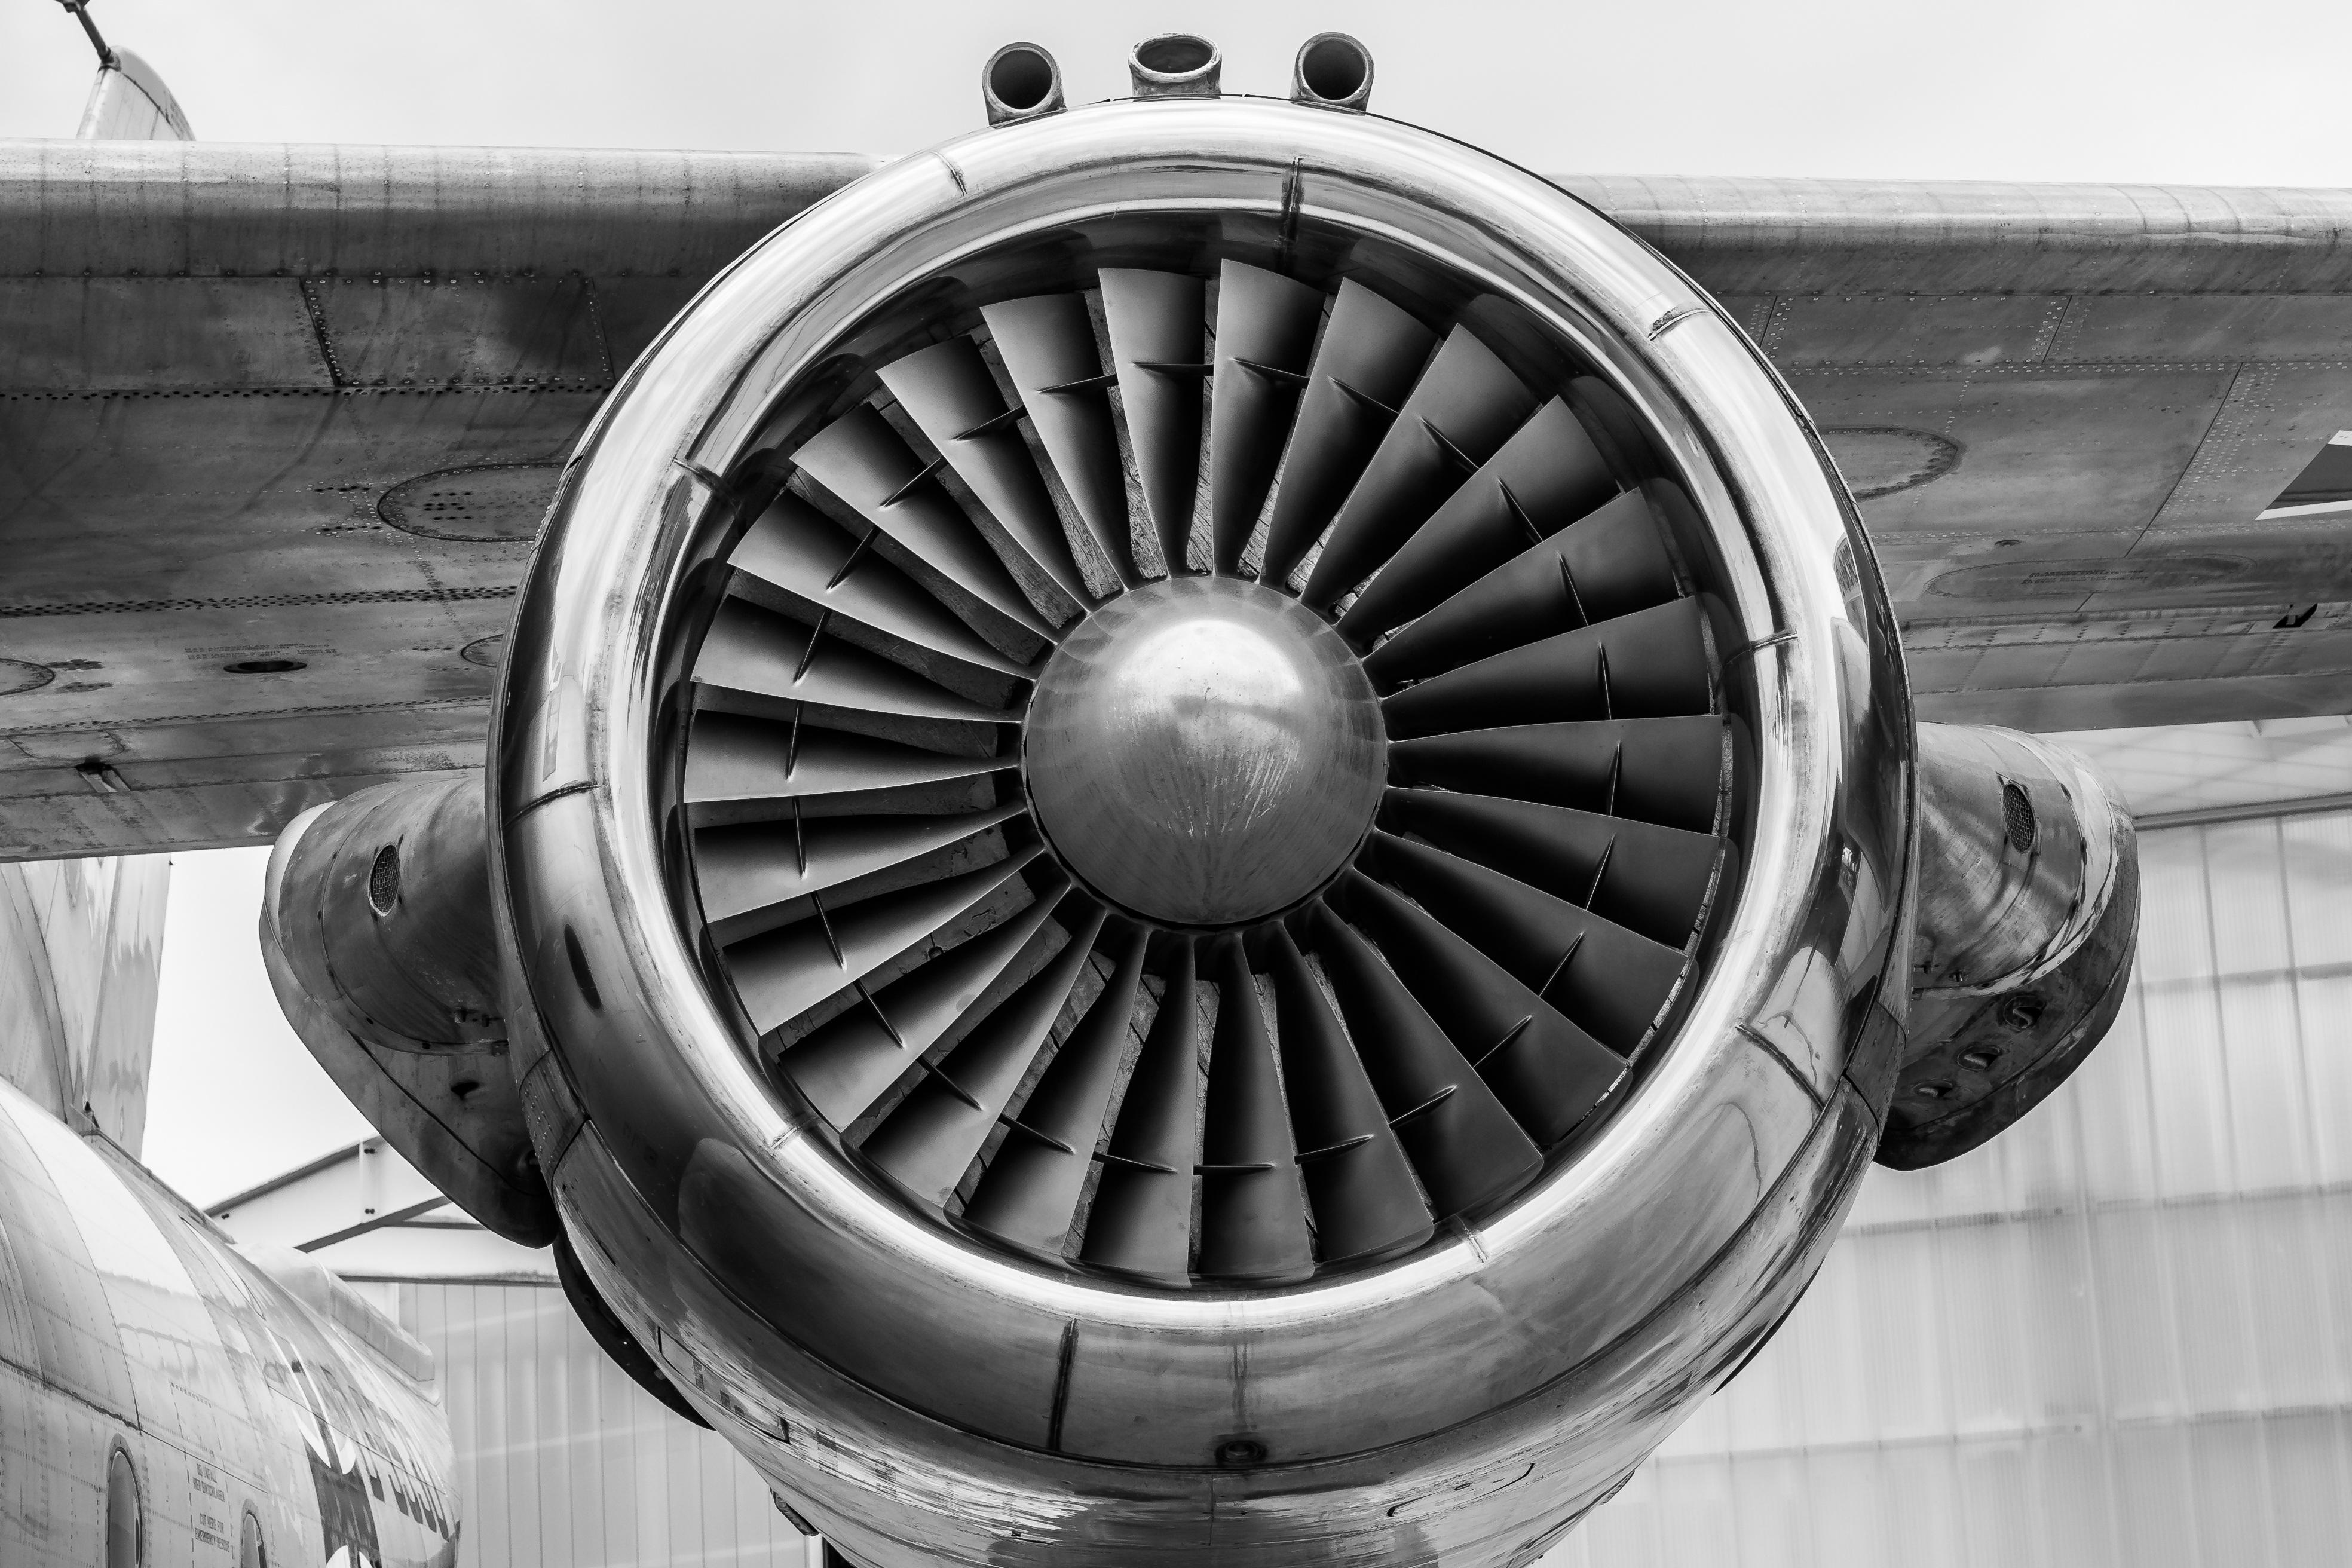 500+ Beautiful Aircraft Engine Photos · Pexels · Free Stock Photos